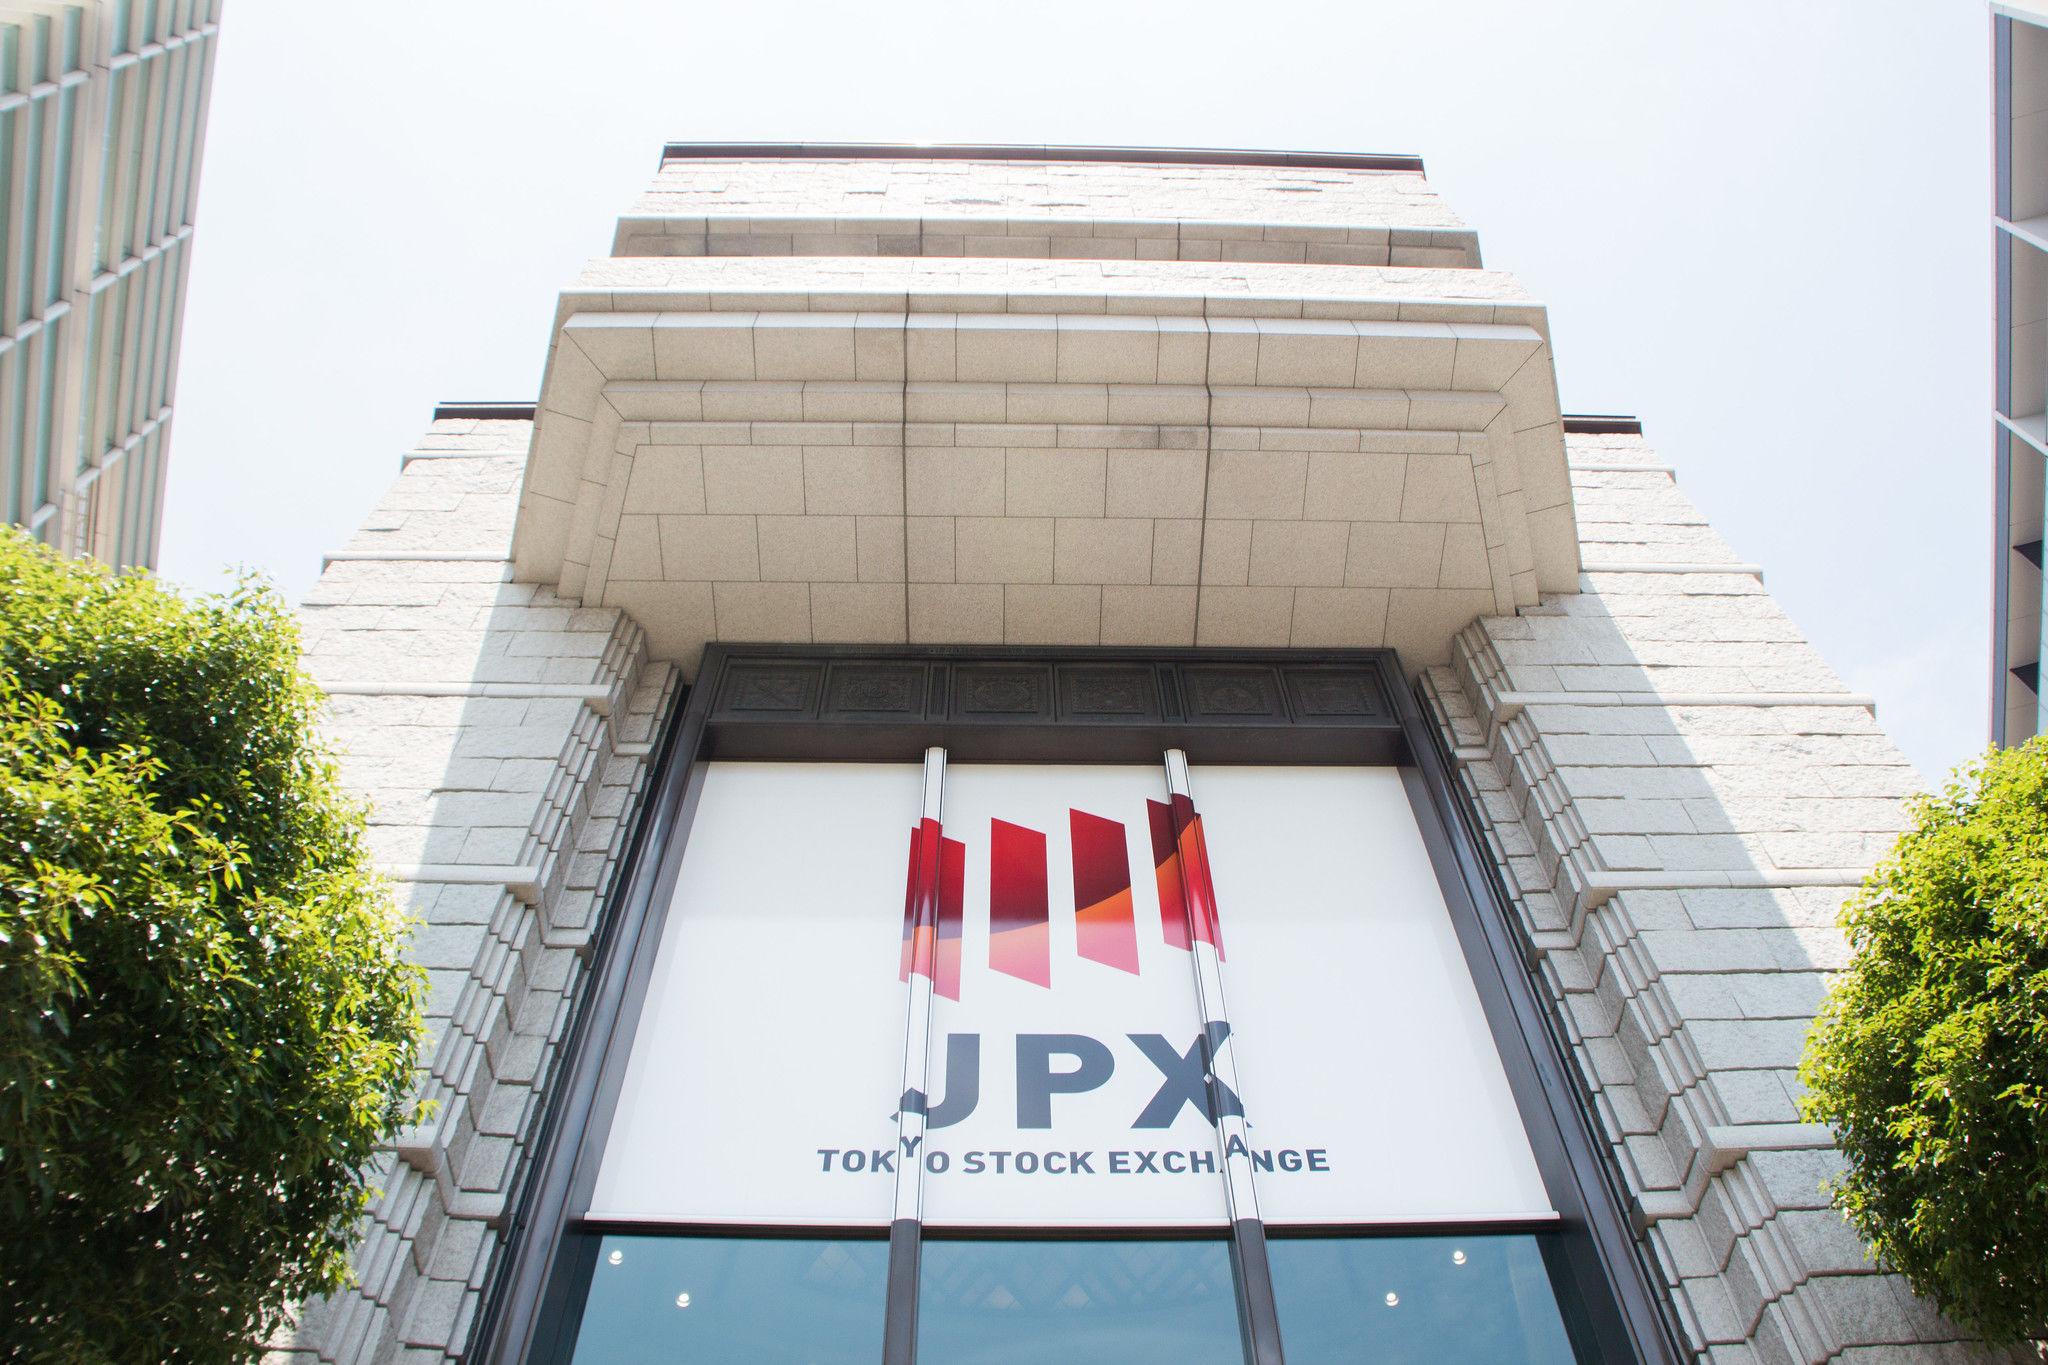 構想から12年!日本初の総合取引所がここまで「難航」した理由